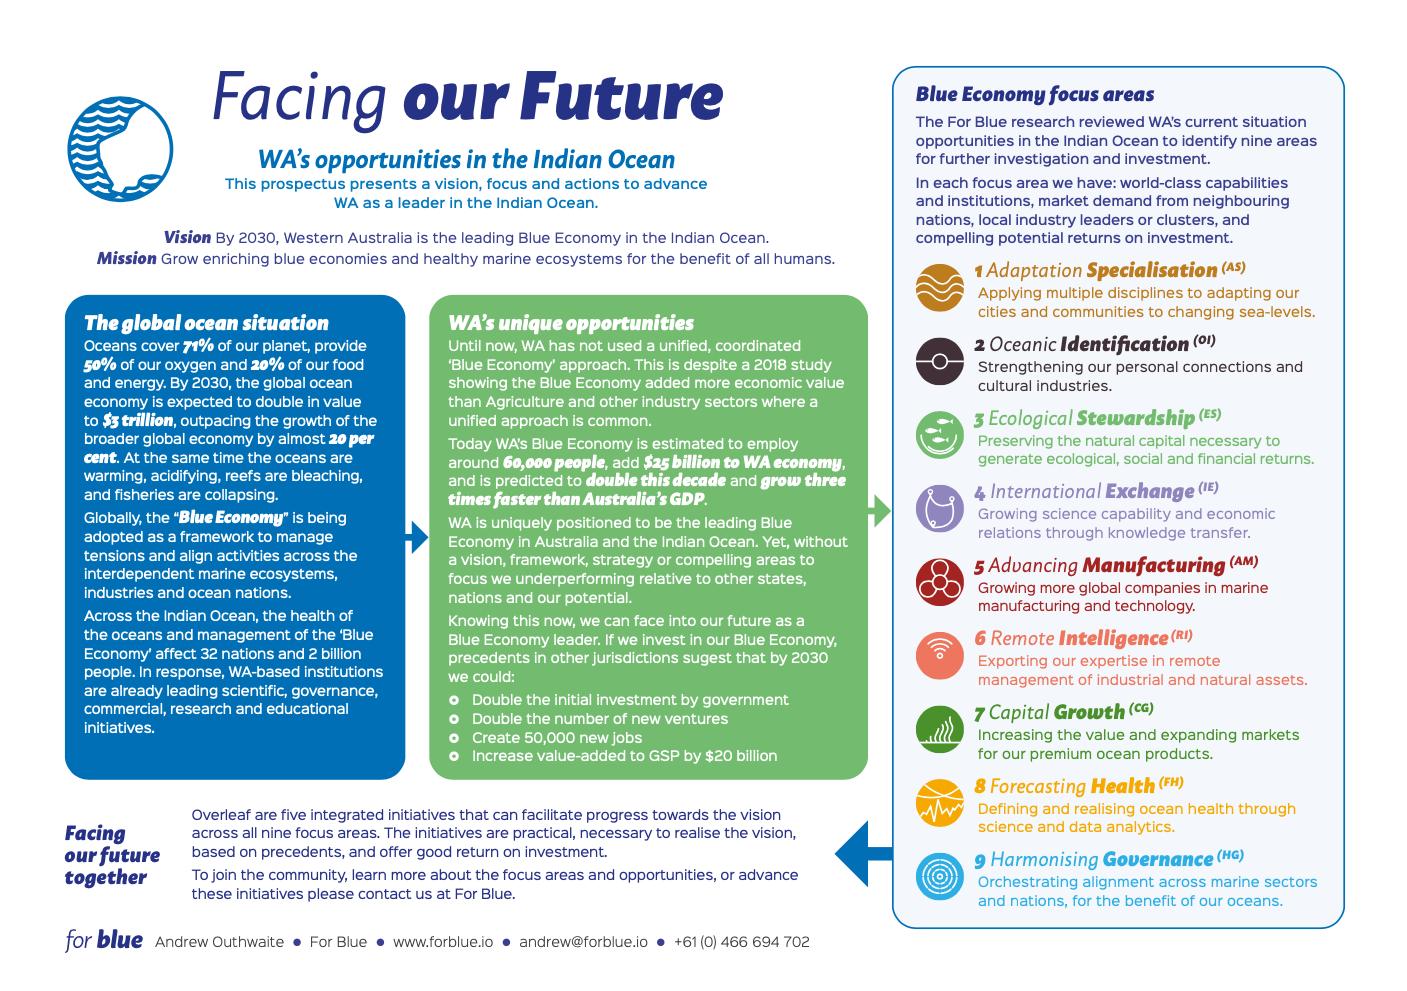 Facing our Future Prospectus